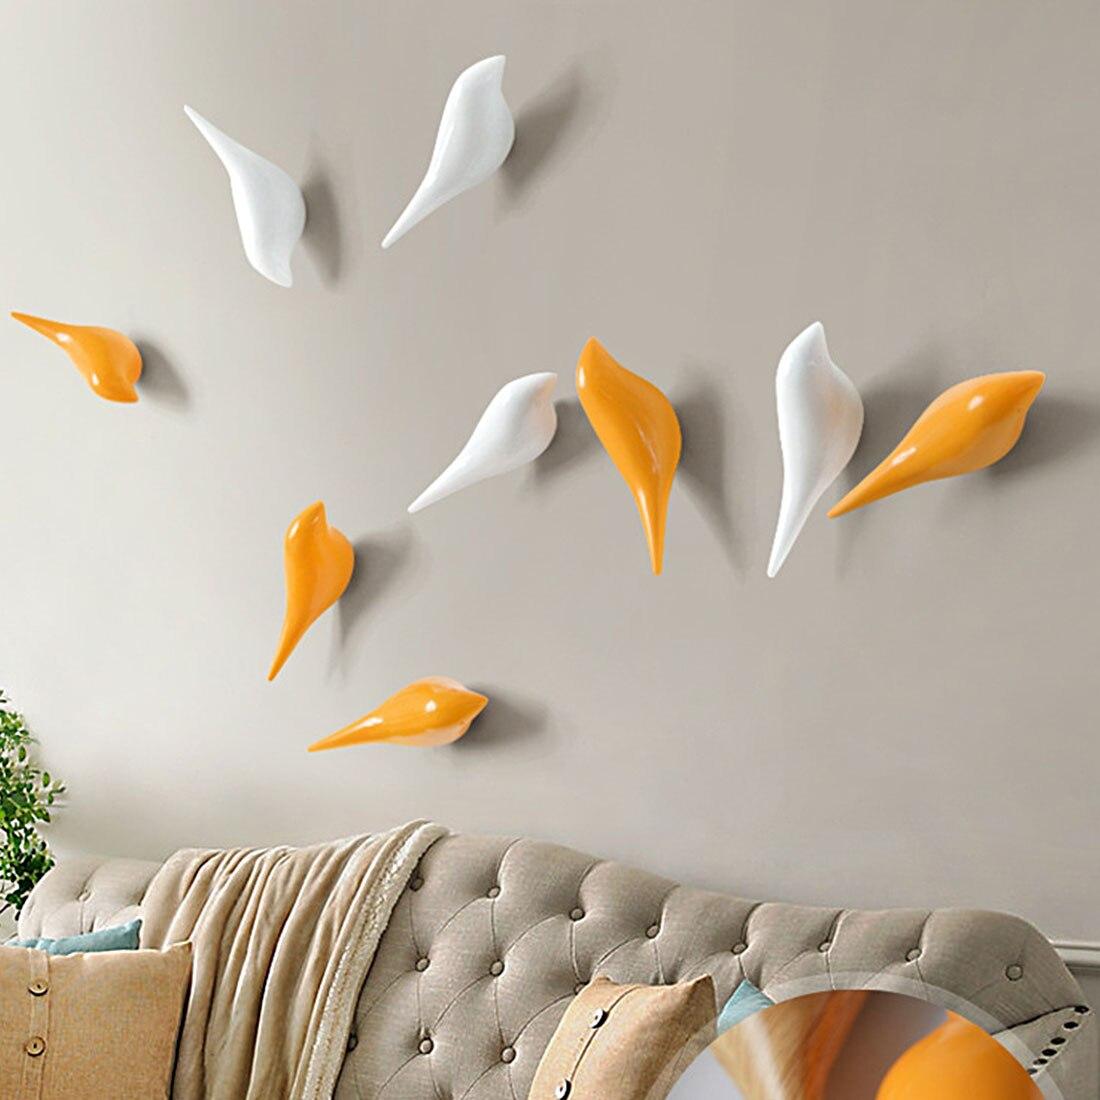 Creatieve Vogel Vorm Muur Haken Home Decoratie Hars Houtnerf Opbergrek Slaapkamer Deur Na Coat Hat Hanger 3d Jas Houder